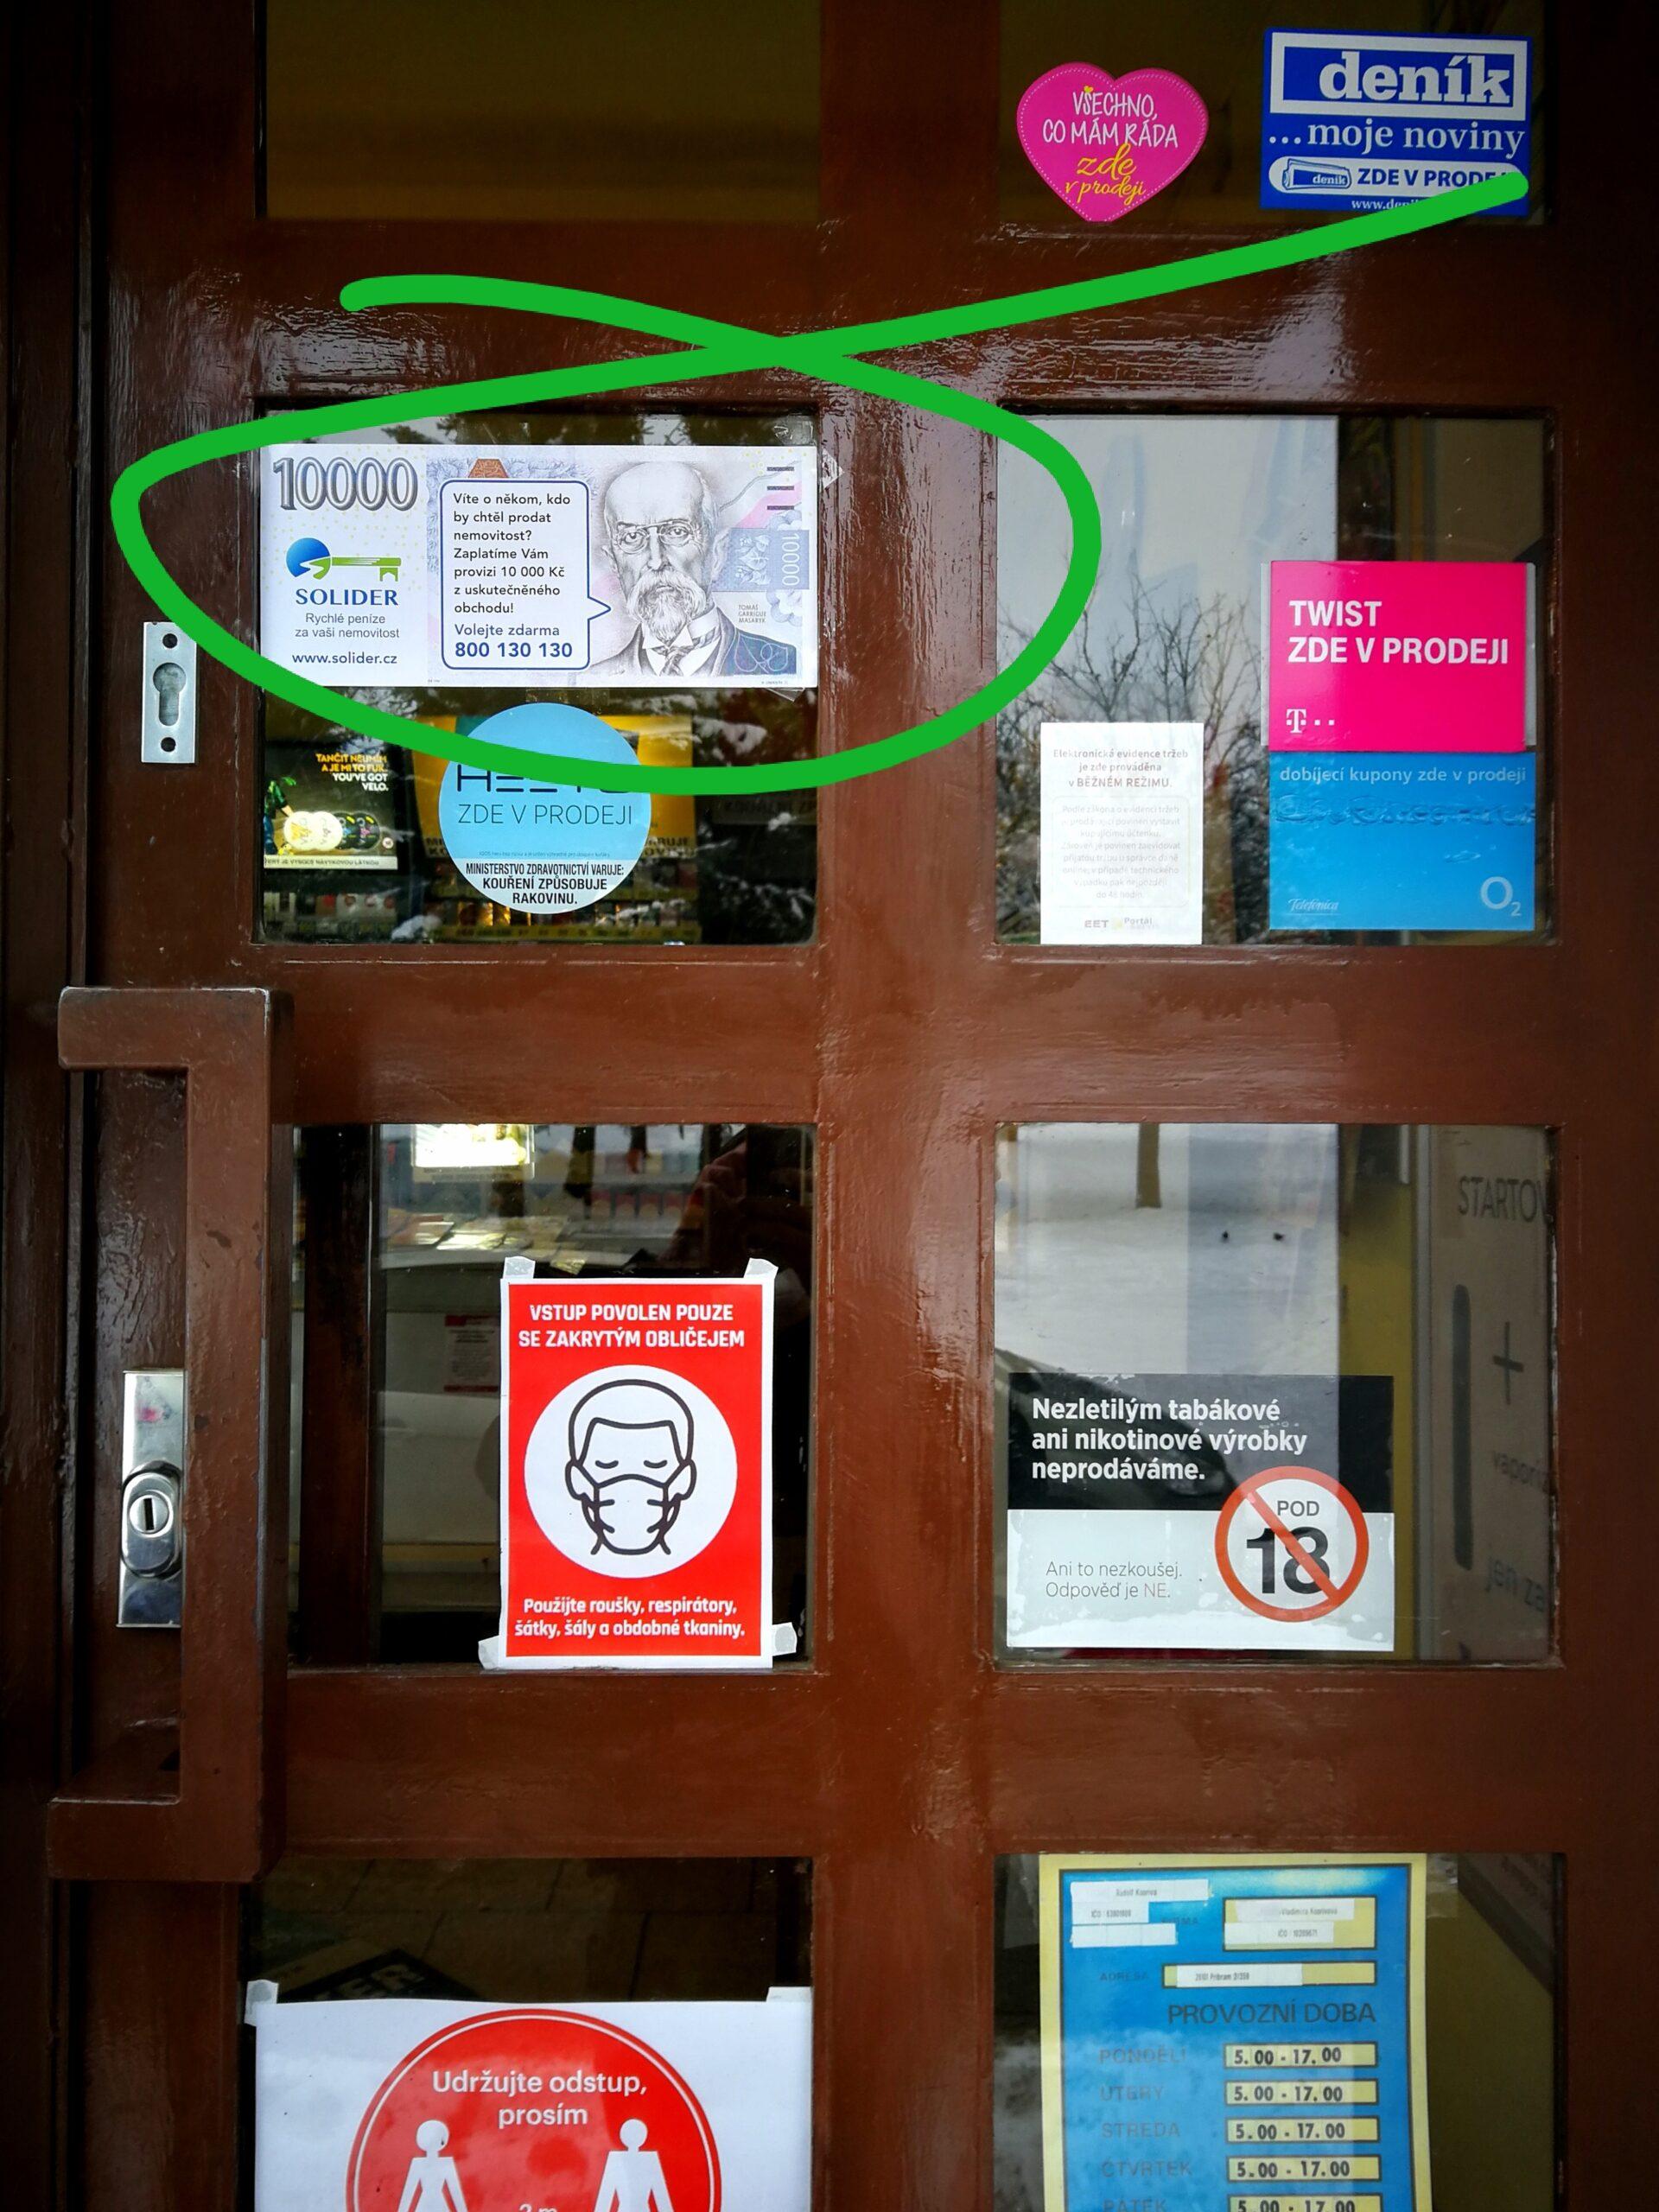 Propagační bankovka umístěná na vchodových dveřích